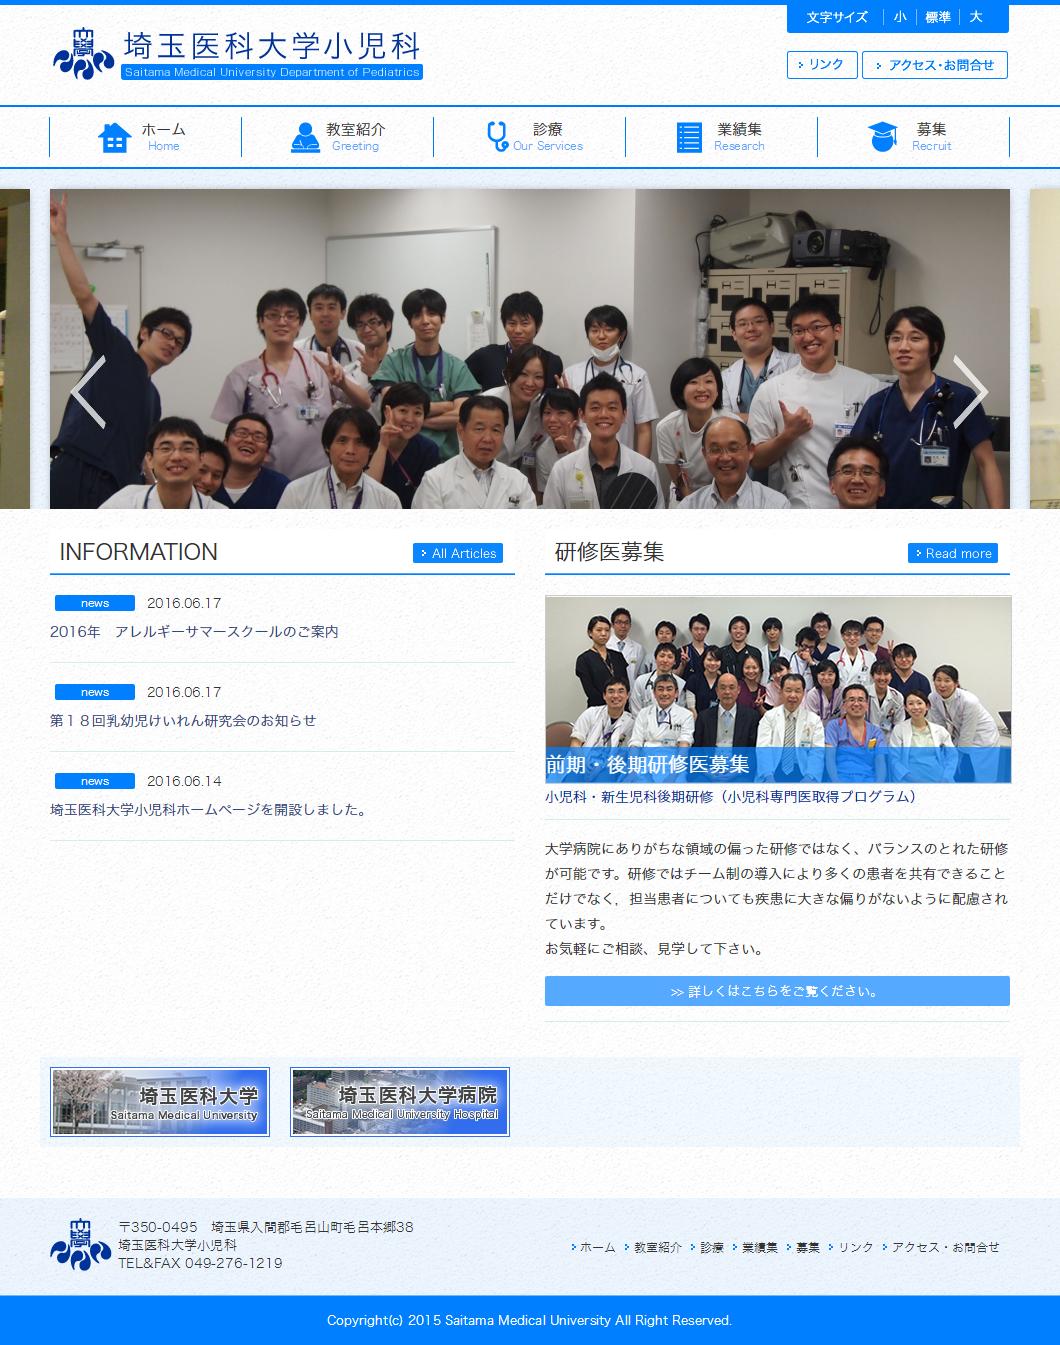 埼玉医科大学小児科